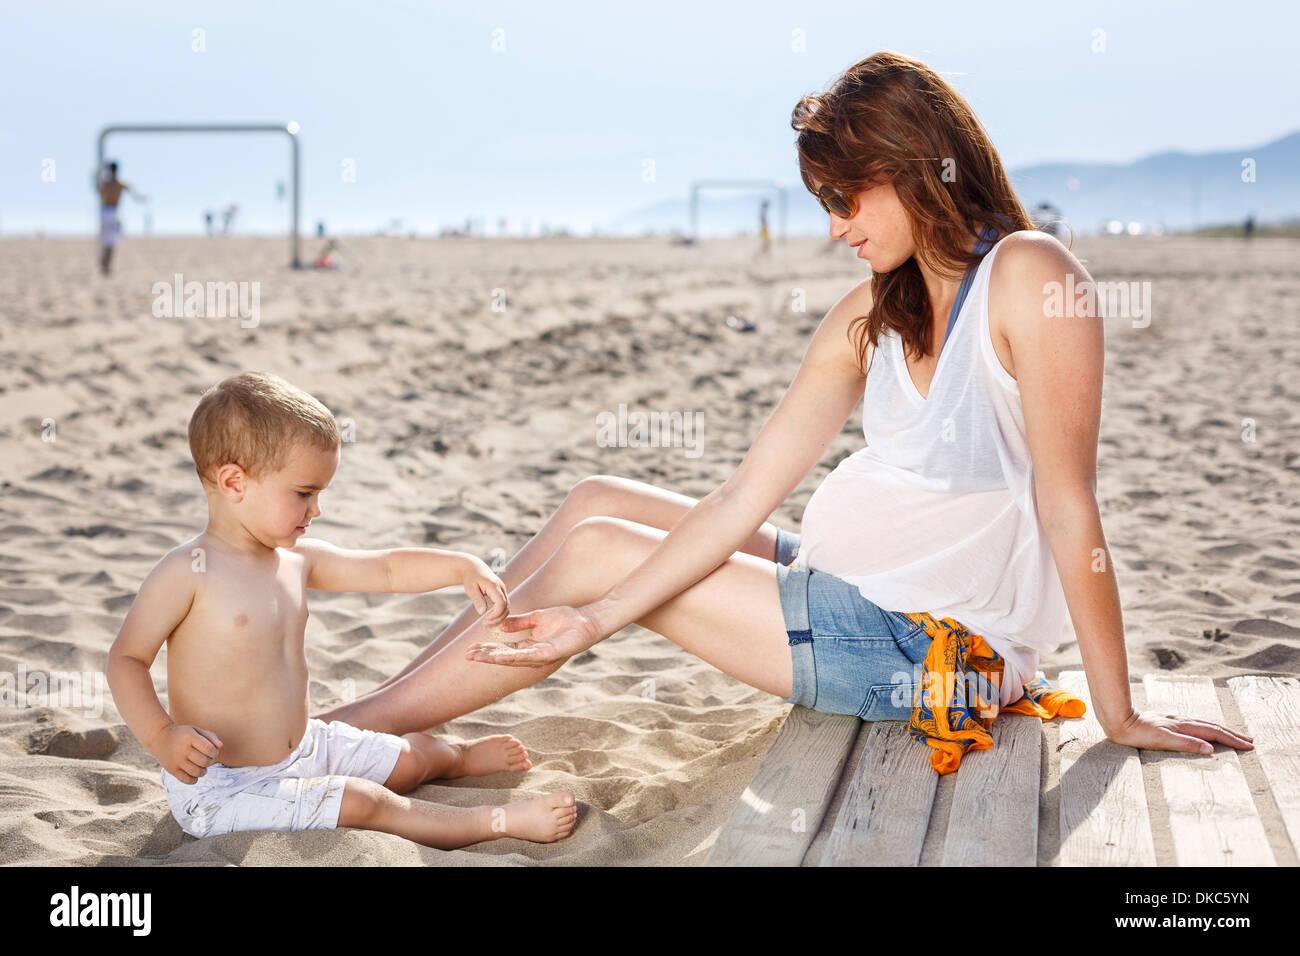 Bebé en la playa de arena de vuelco en la mano de la madre Foto de stock